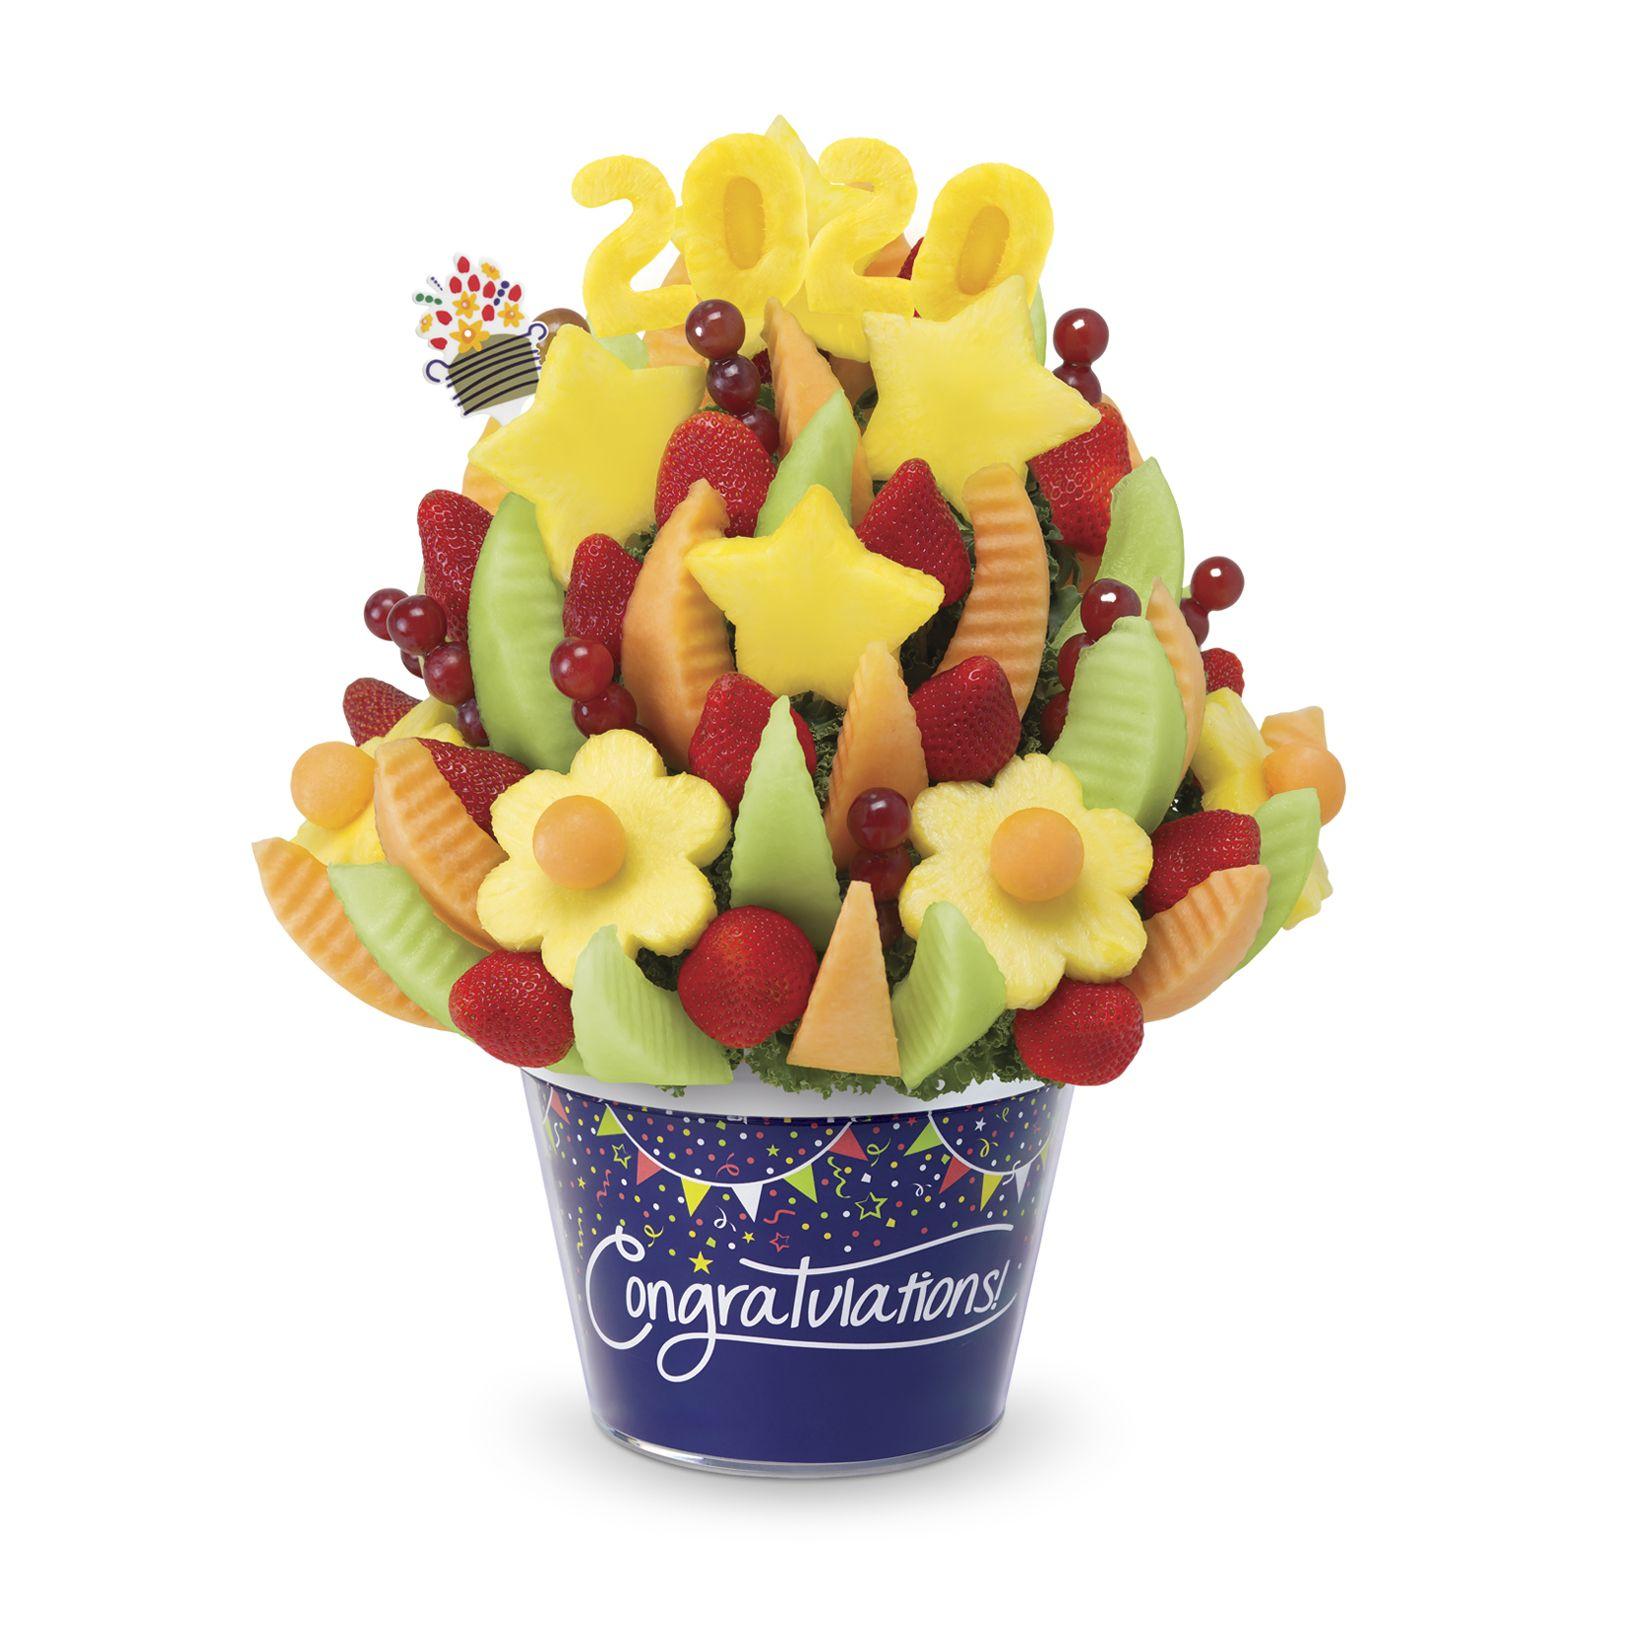 Edible Arrangements Is Having A Graduation Fruit Bouquet Sale